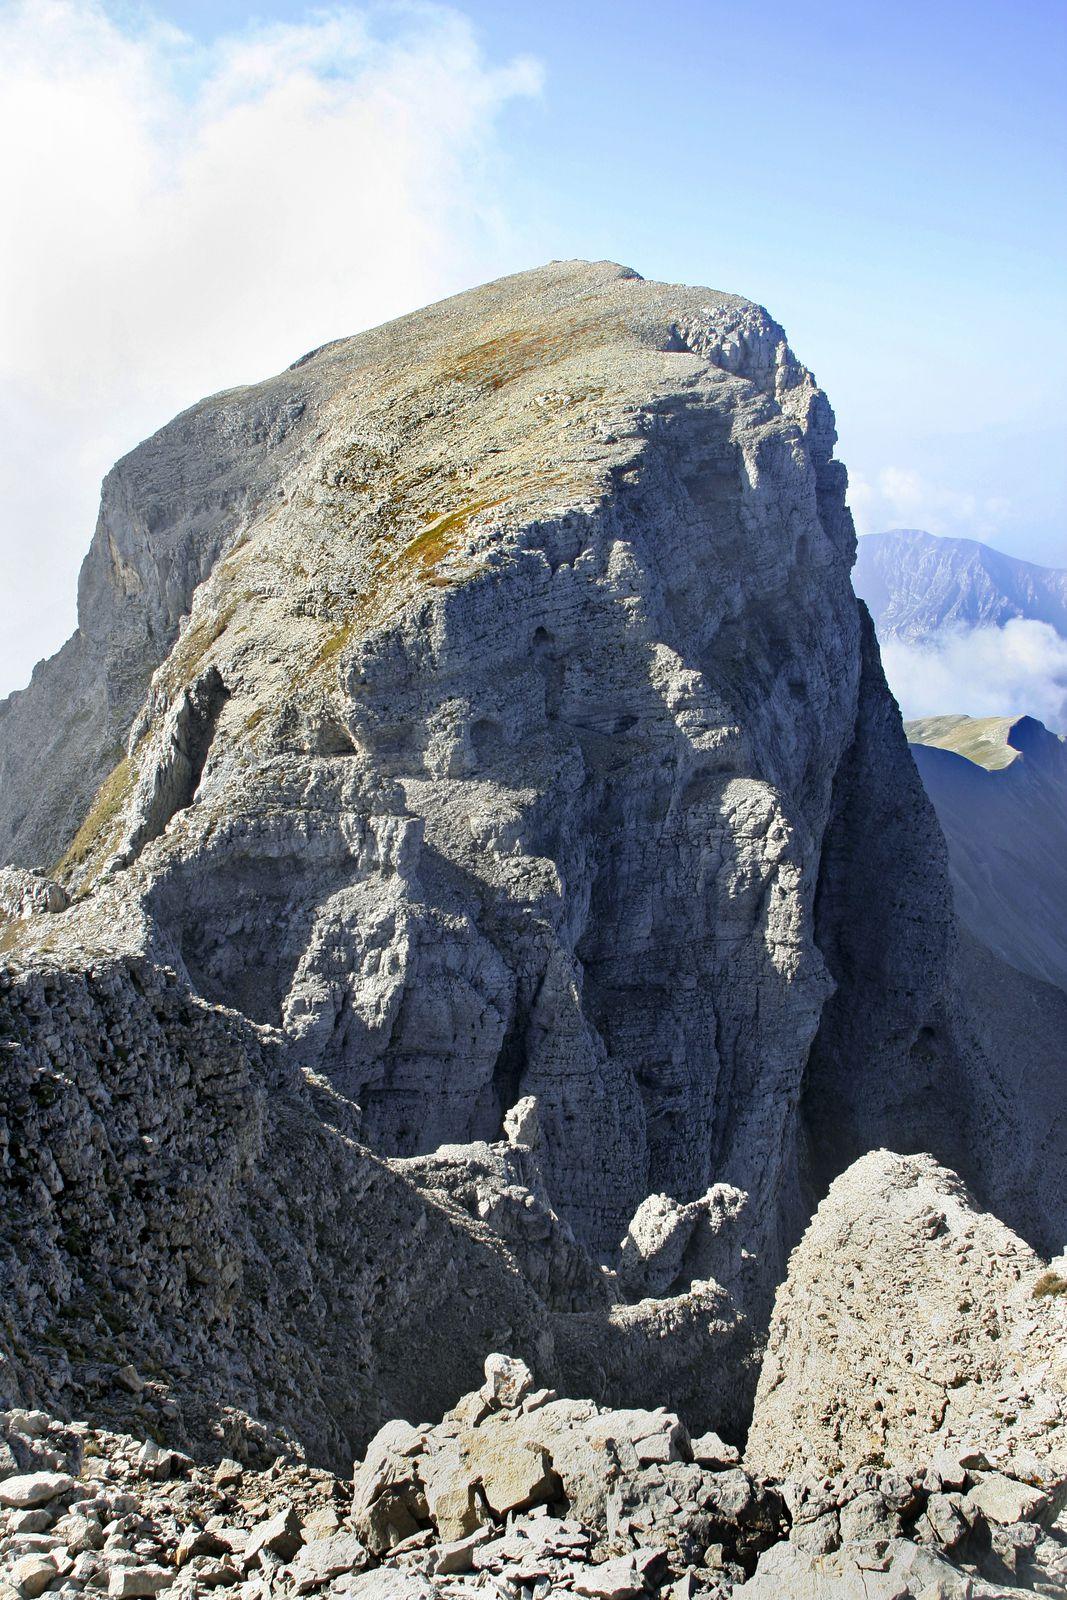 Le sommet du Grand Ferrand vu du Petit. En bas à gauche, on devine le sommet des arches Interferrantes. On aperçoit aussi dans la barre la plus haute le dernier petit tunnel qui permet d'accéder au plateau sommital.